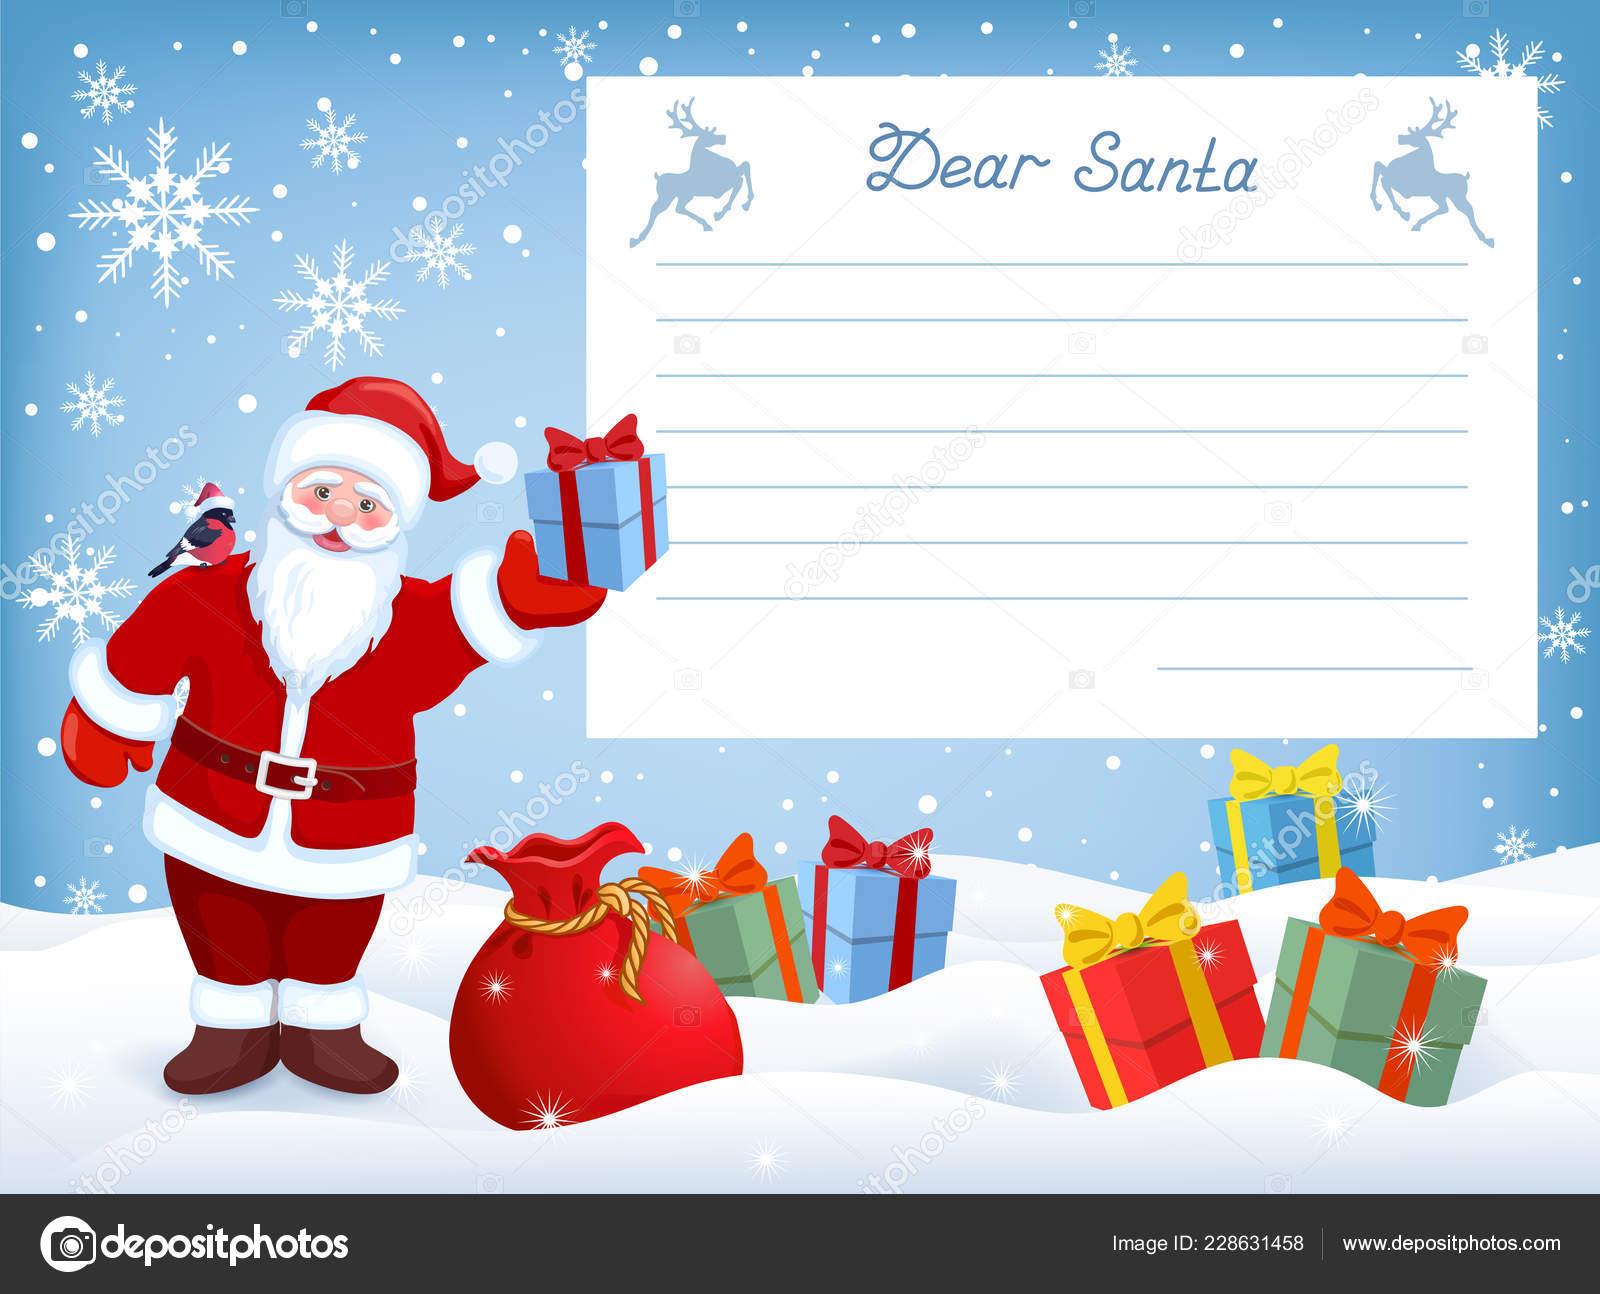 Lettera A Babbo Natale Divertente.Fumetto Babbo Natale Divertente Con Lettera Casella Layout